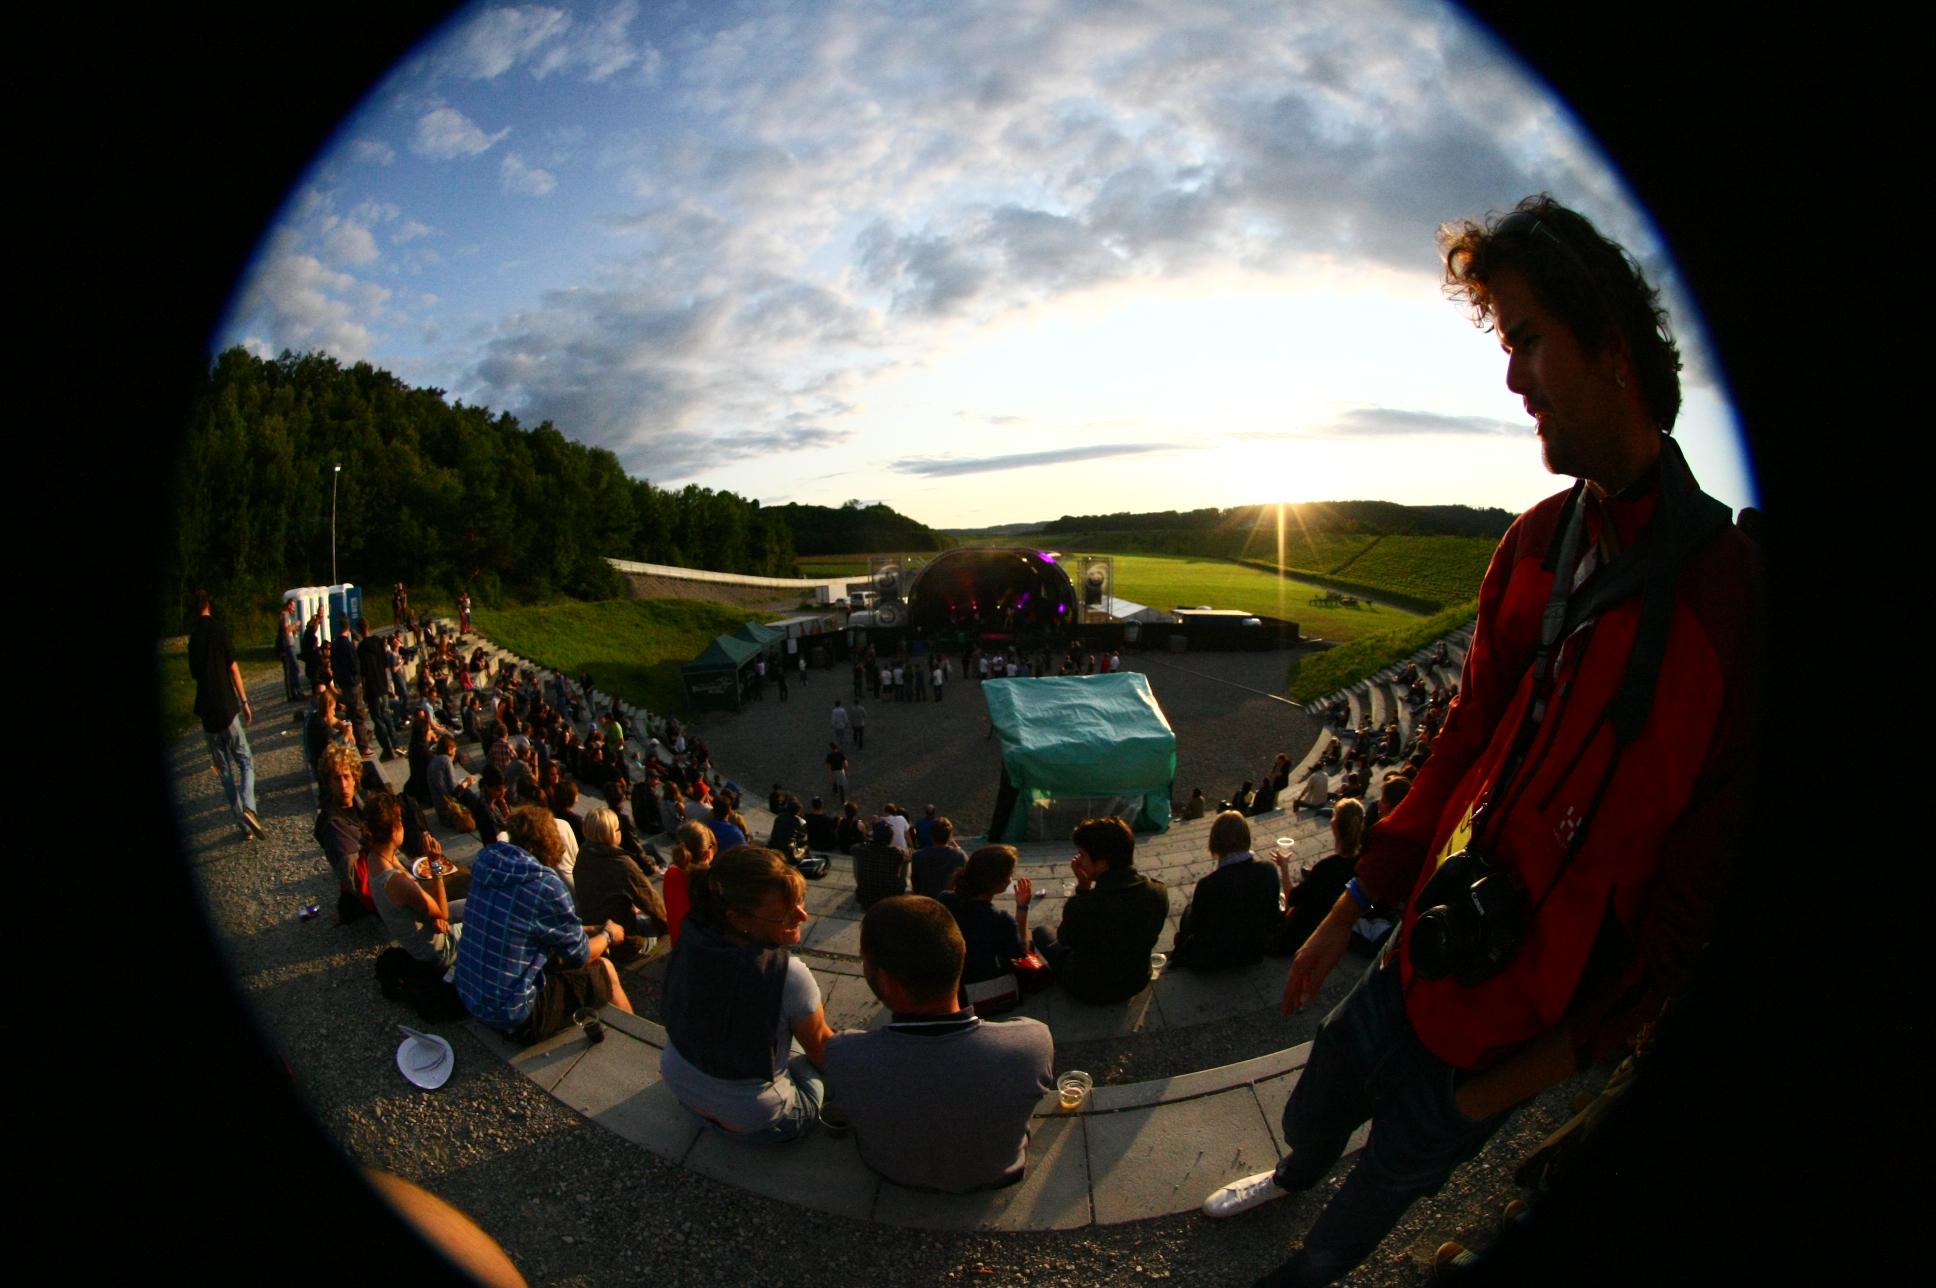 Amphitheater, 2012